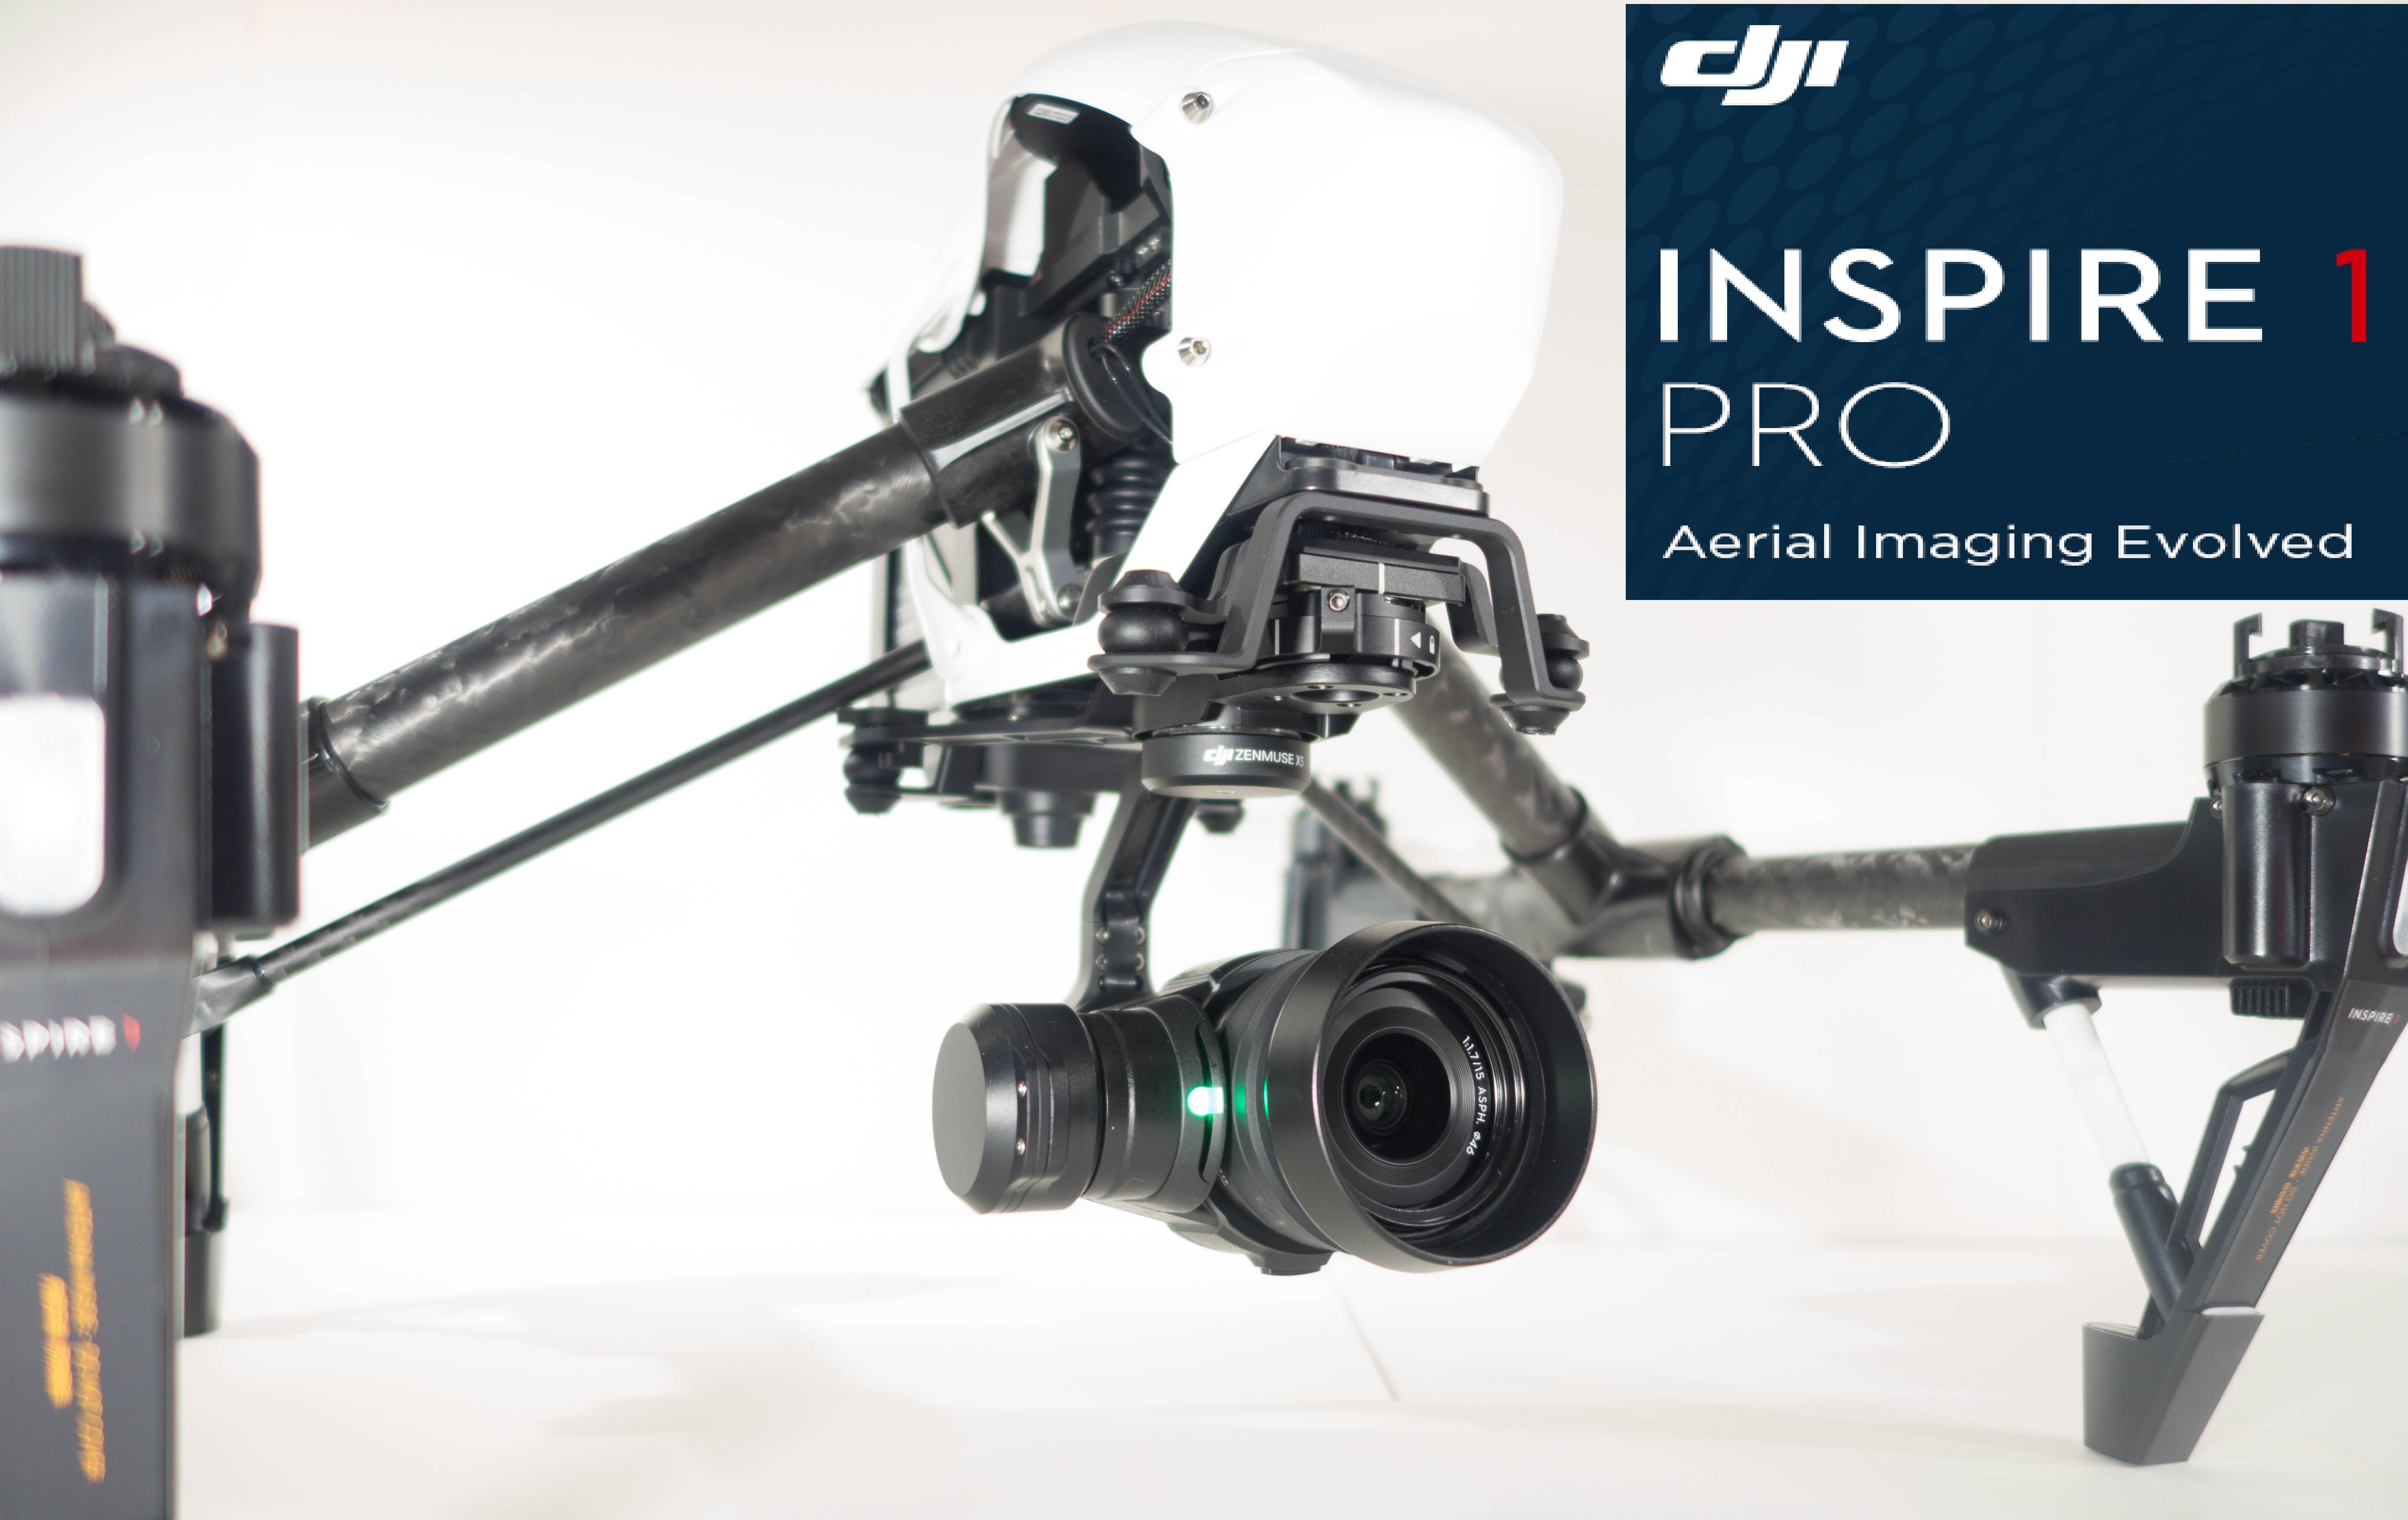 Inspire 1 Pro